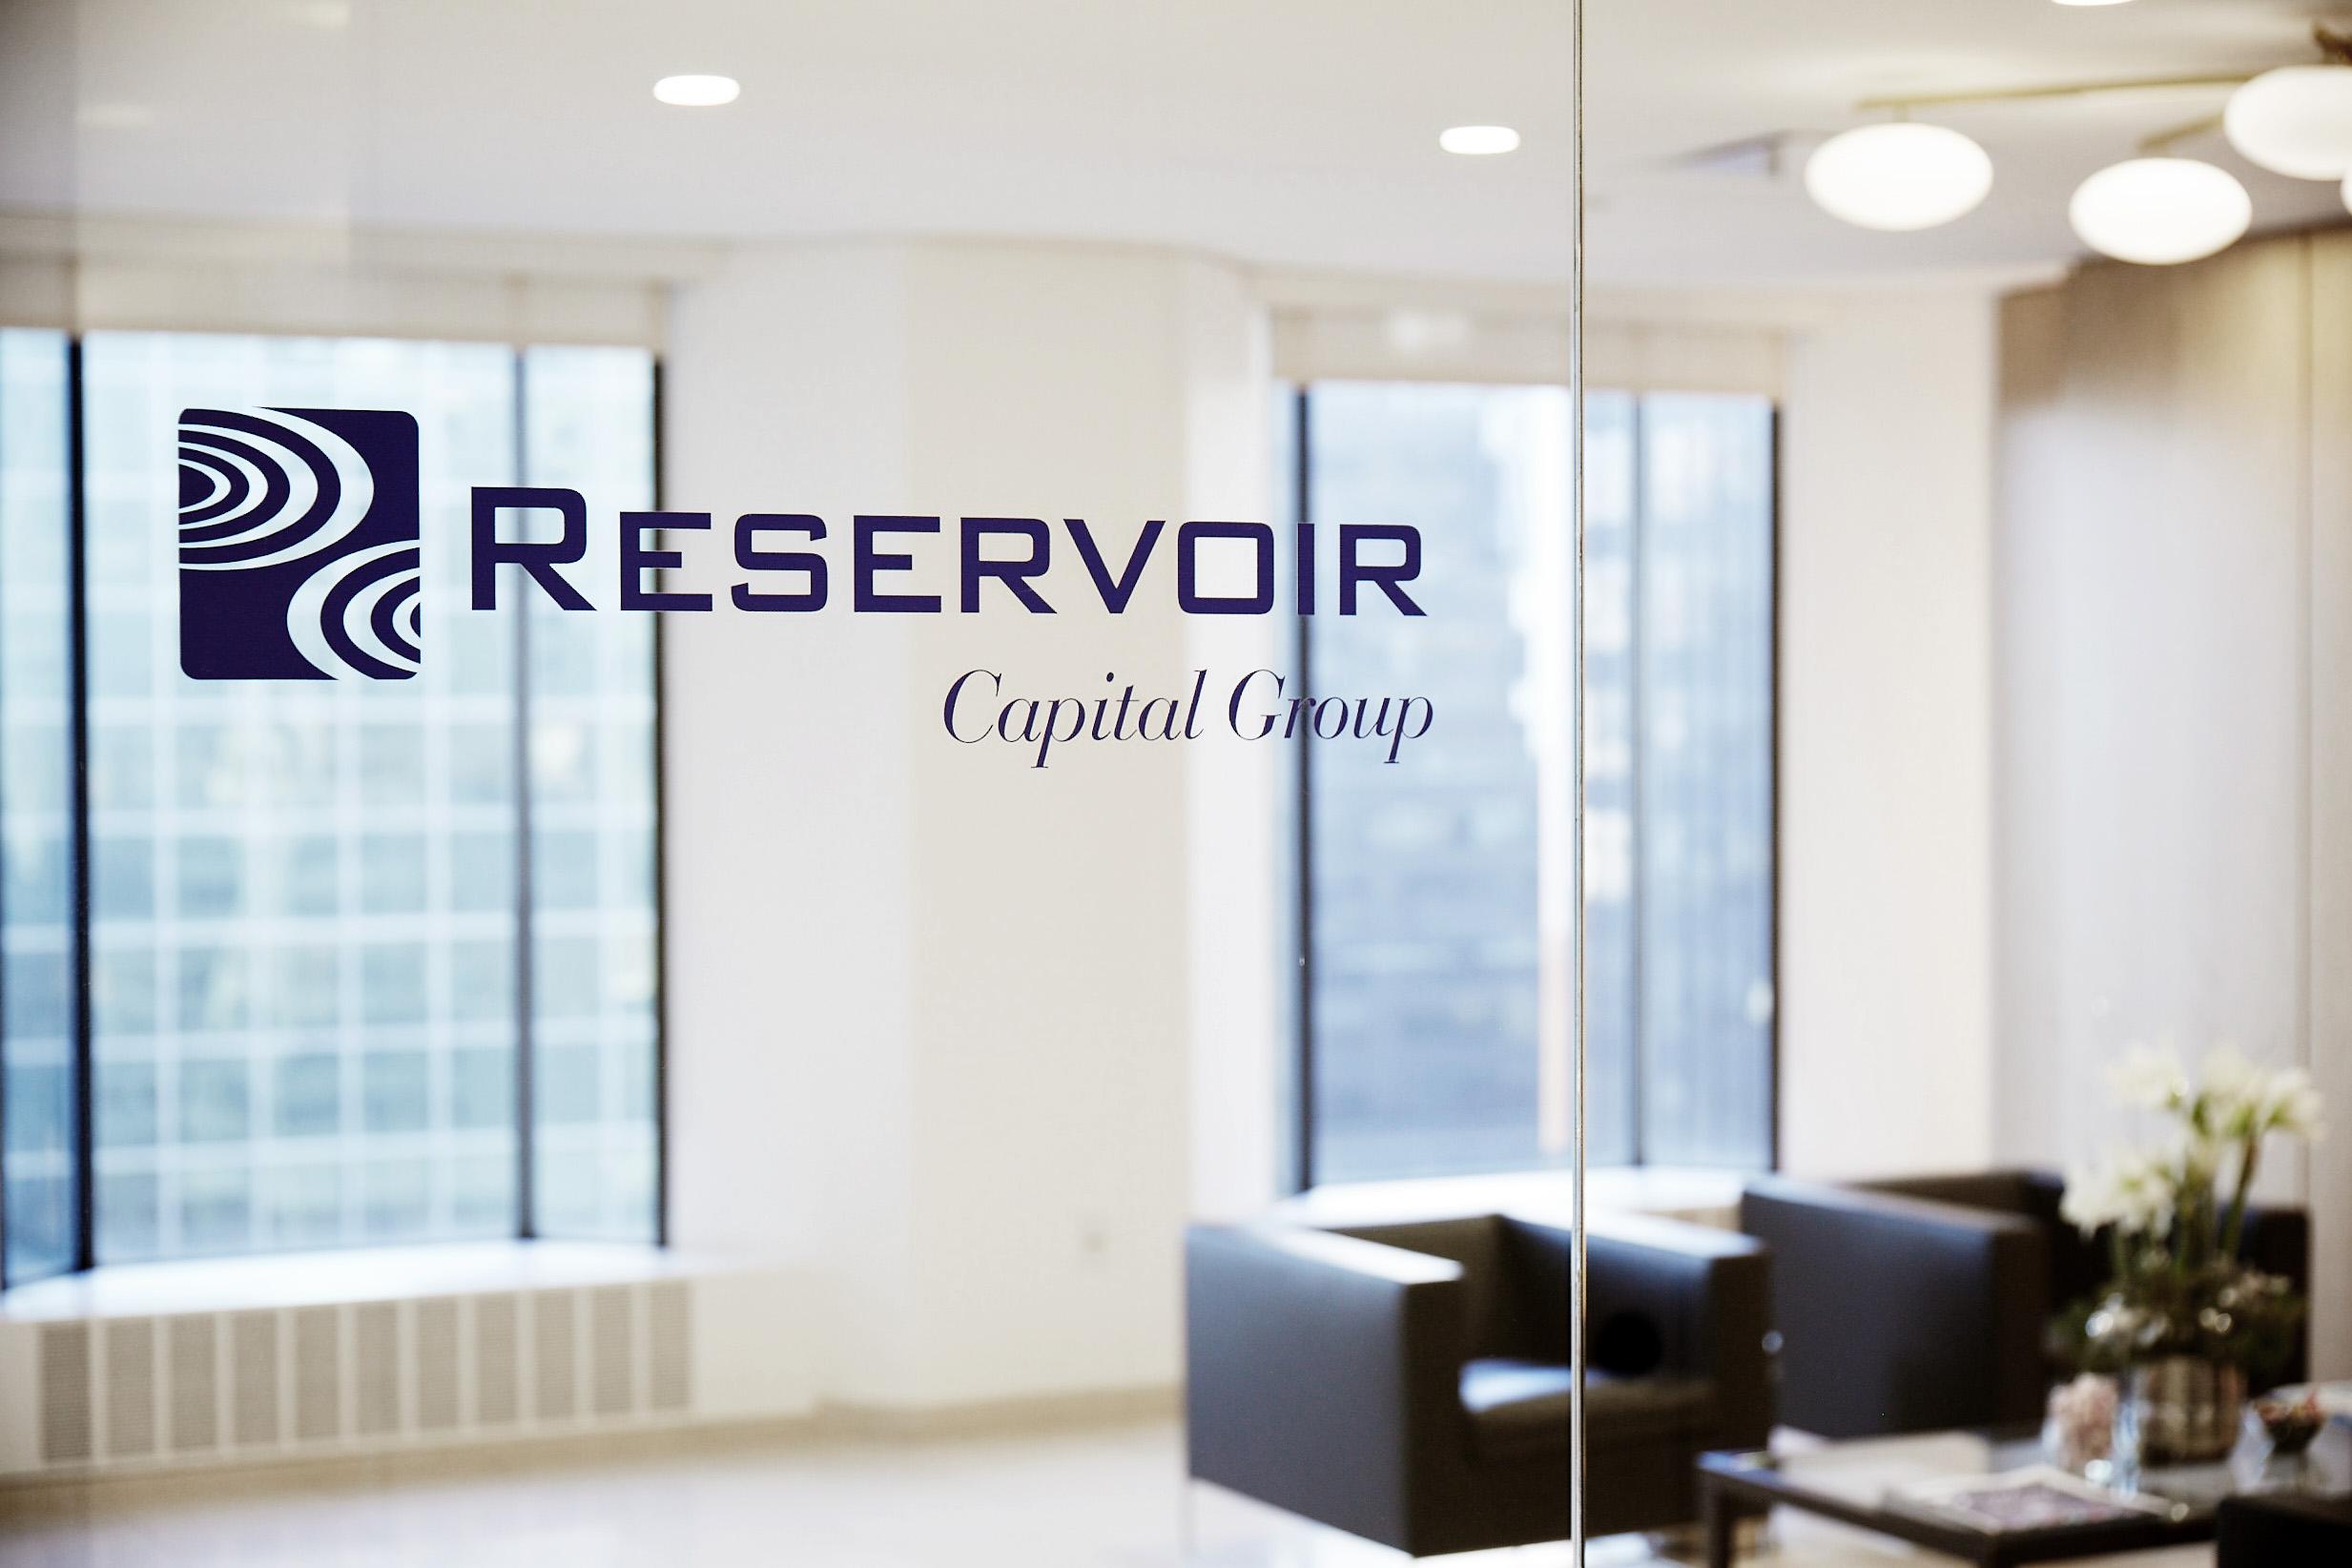 Reservoir Capital Group